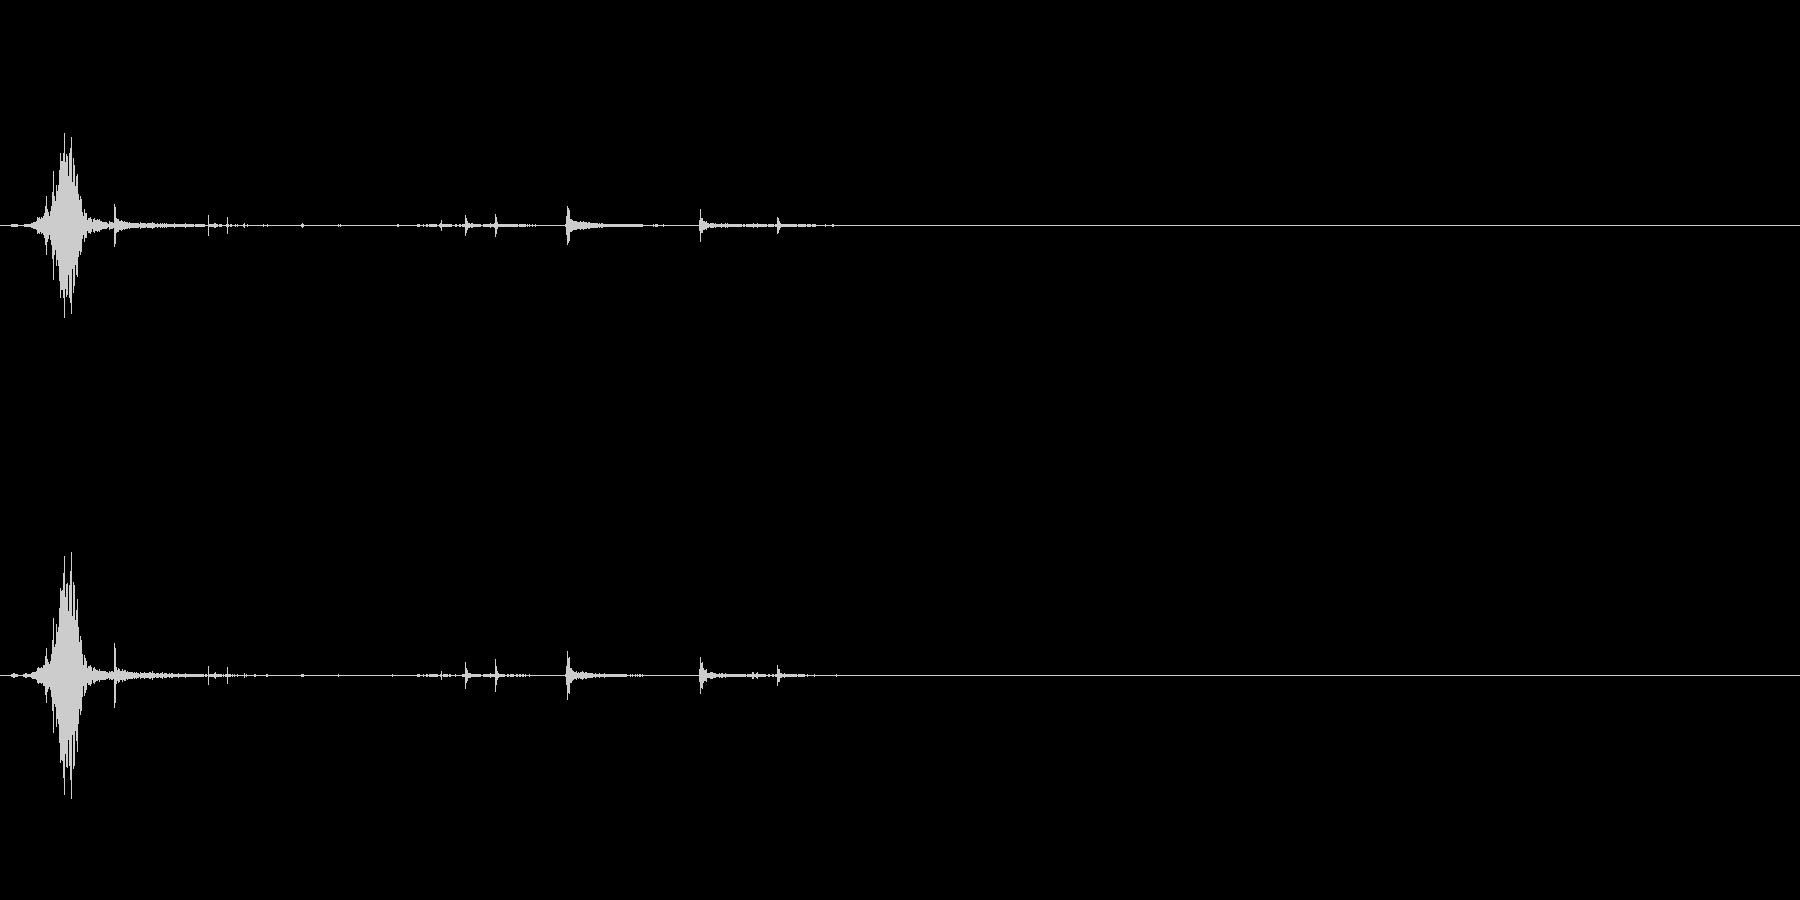 〖ゴルフ〗アイアンのショット効果音02の未再生の波形